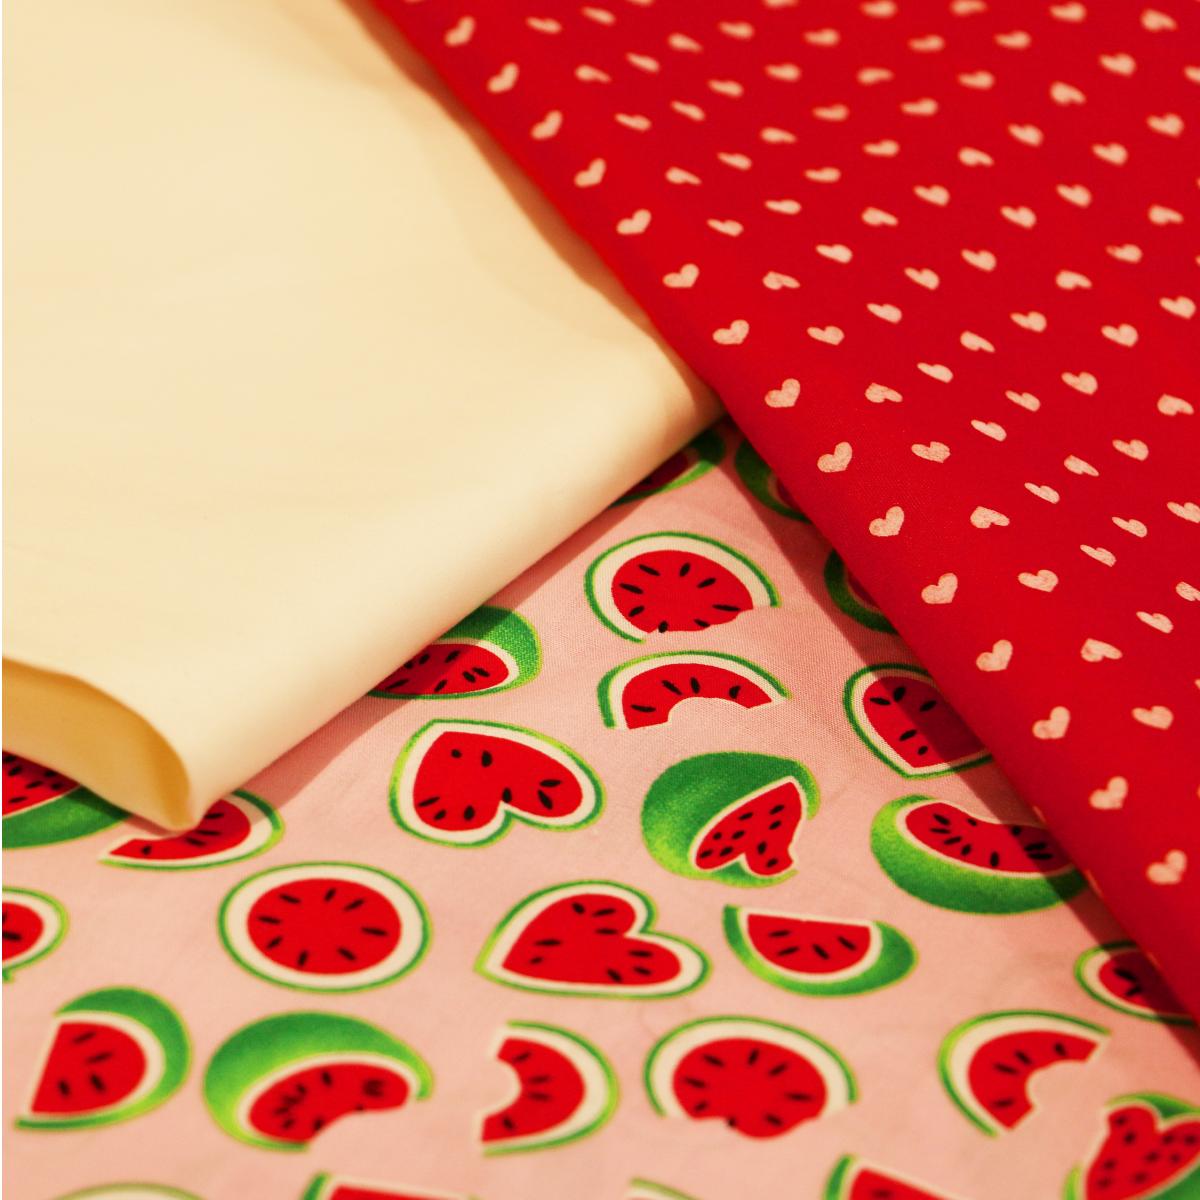 Una adorable mezcla de patrones de sandías y puntos con colores vibrantes deben ser tu próxima compra . Visita nuestra página web para conocer nuestros horarios.  #Honduras #ModaHonduras #ImaginaTodoloquePuedesCrear #Crealo #Diseñalo #Imagínalo #Crea #Imagina #Diseña